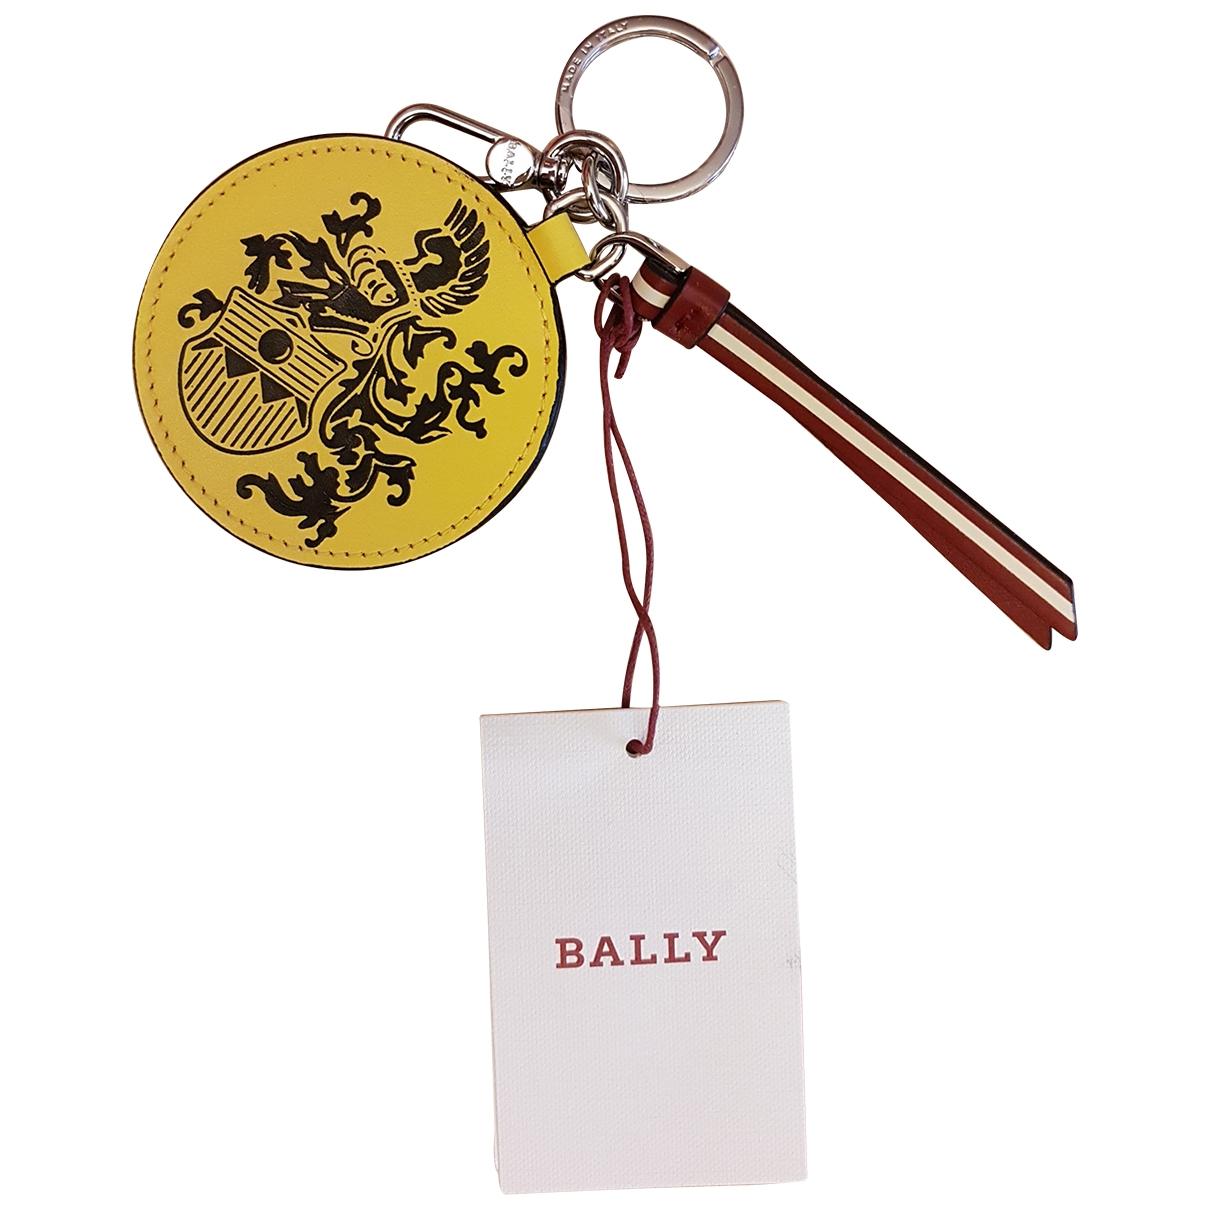 Bally - Petite maroquinerie   pour homme en cuir